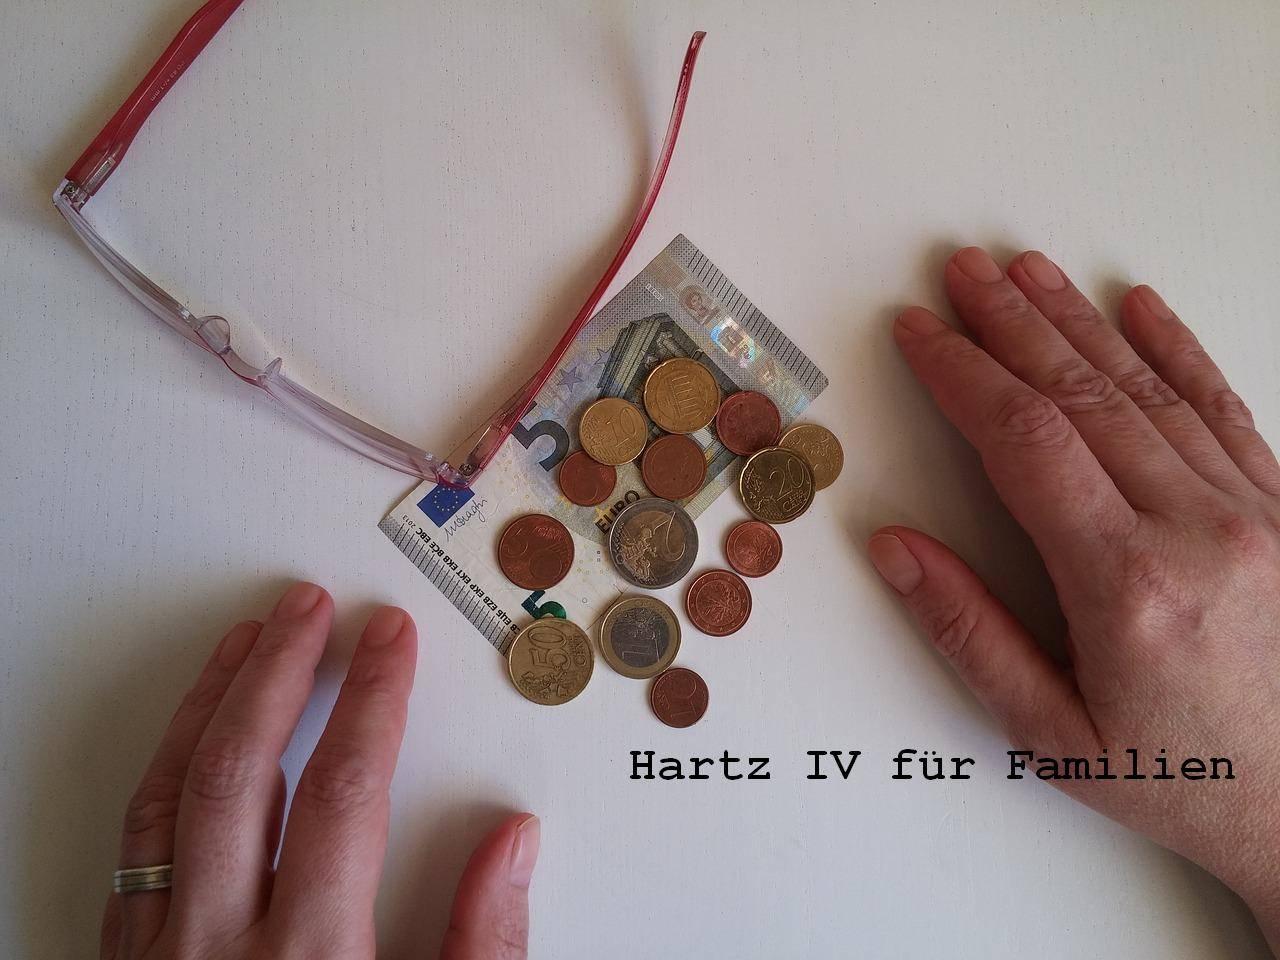 Hartz IV: Sehr oft sind Familien betroffen